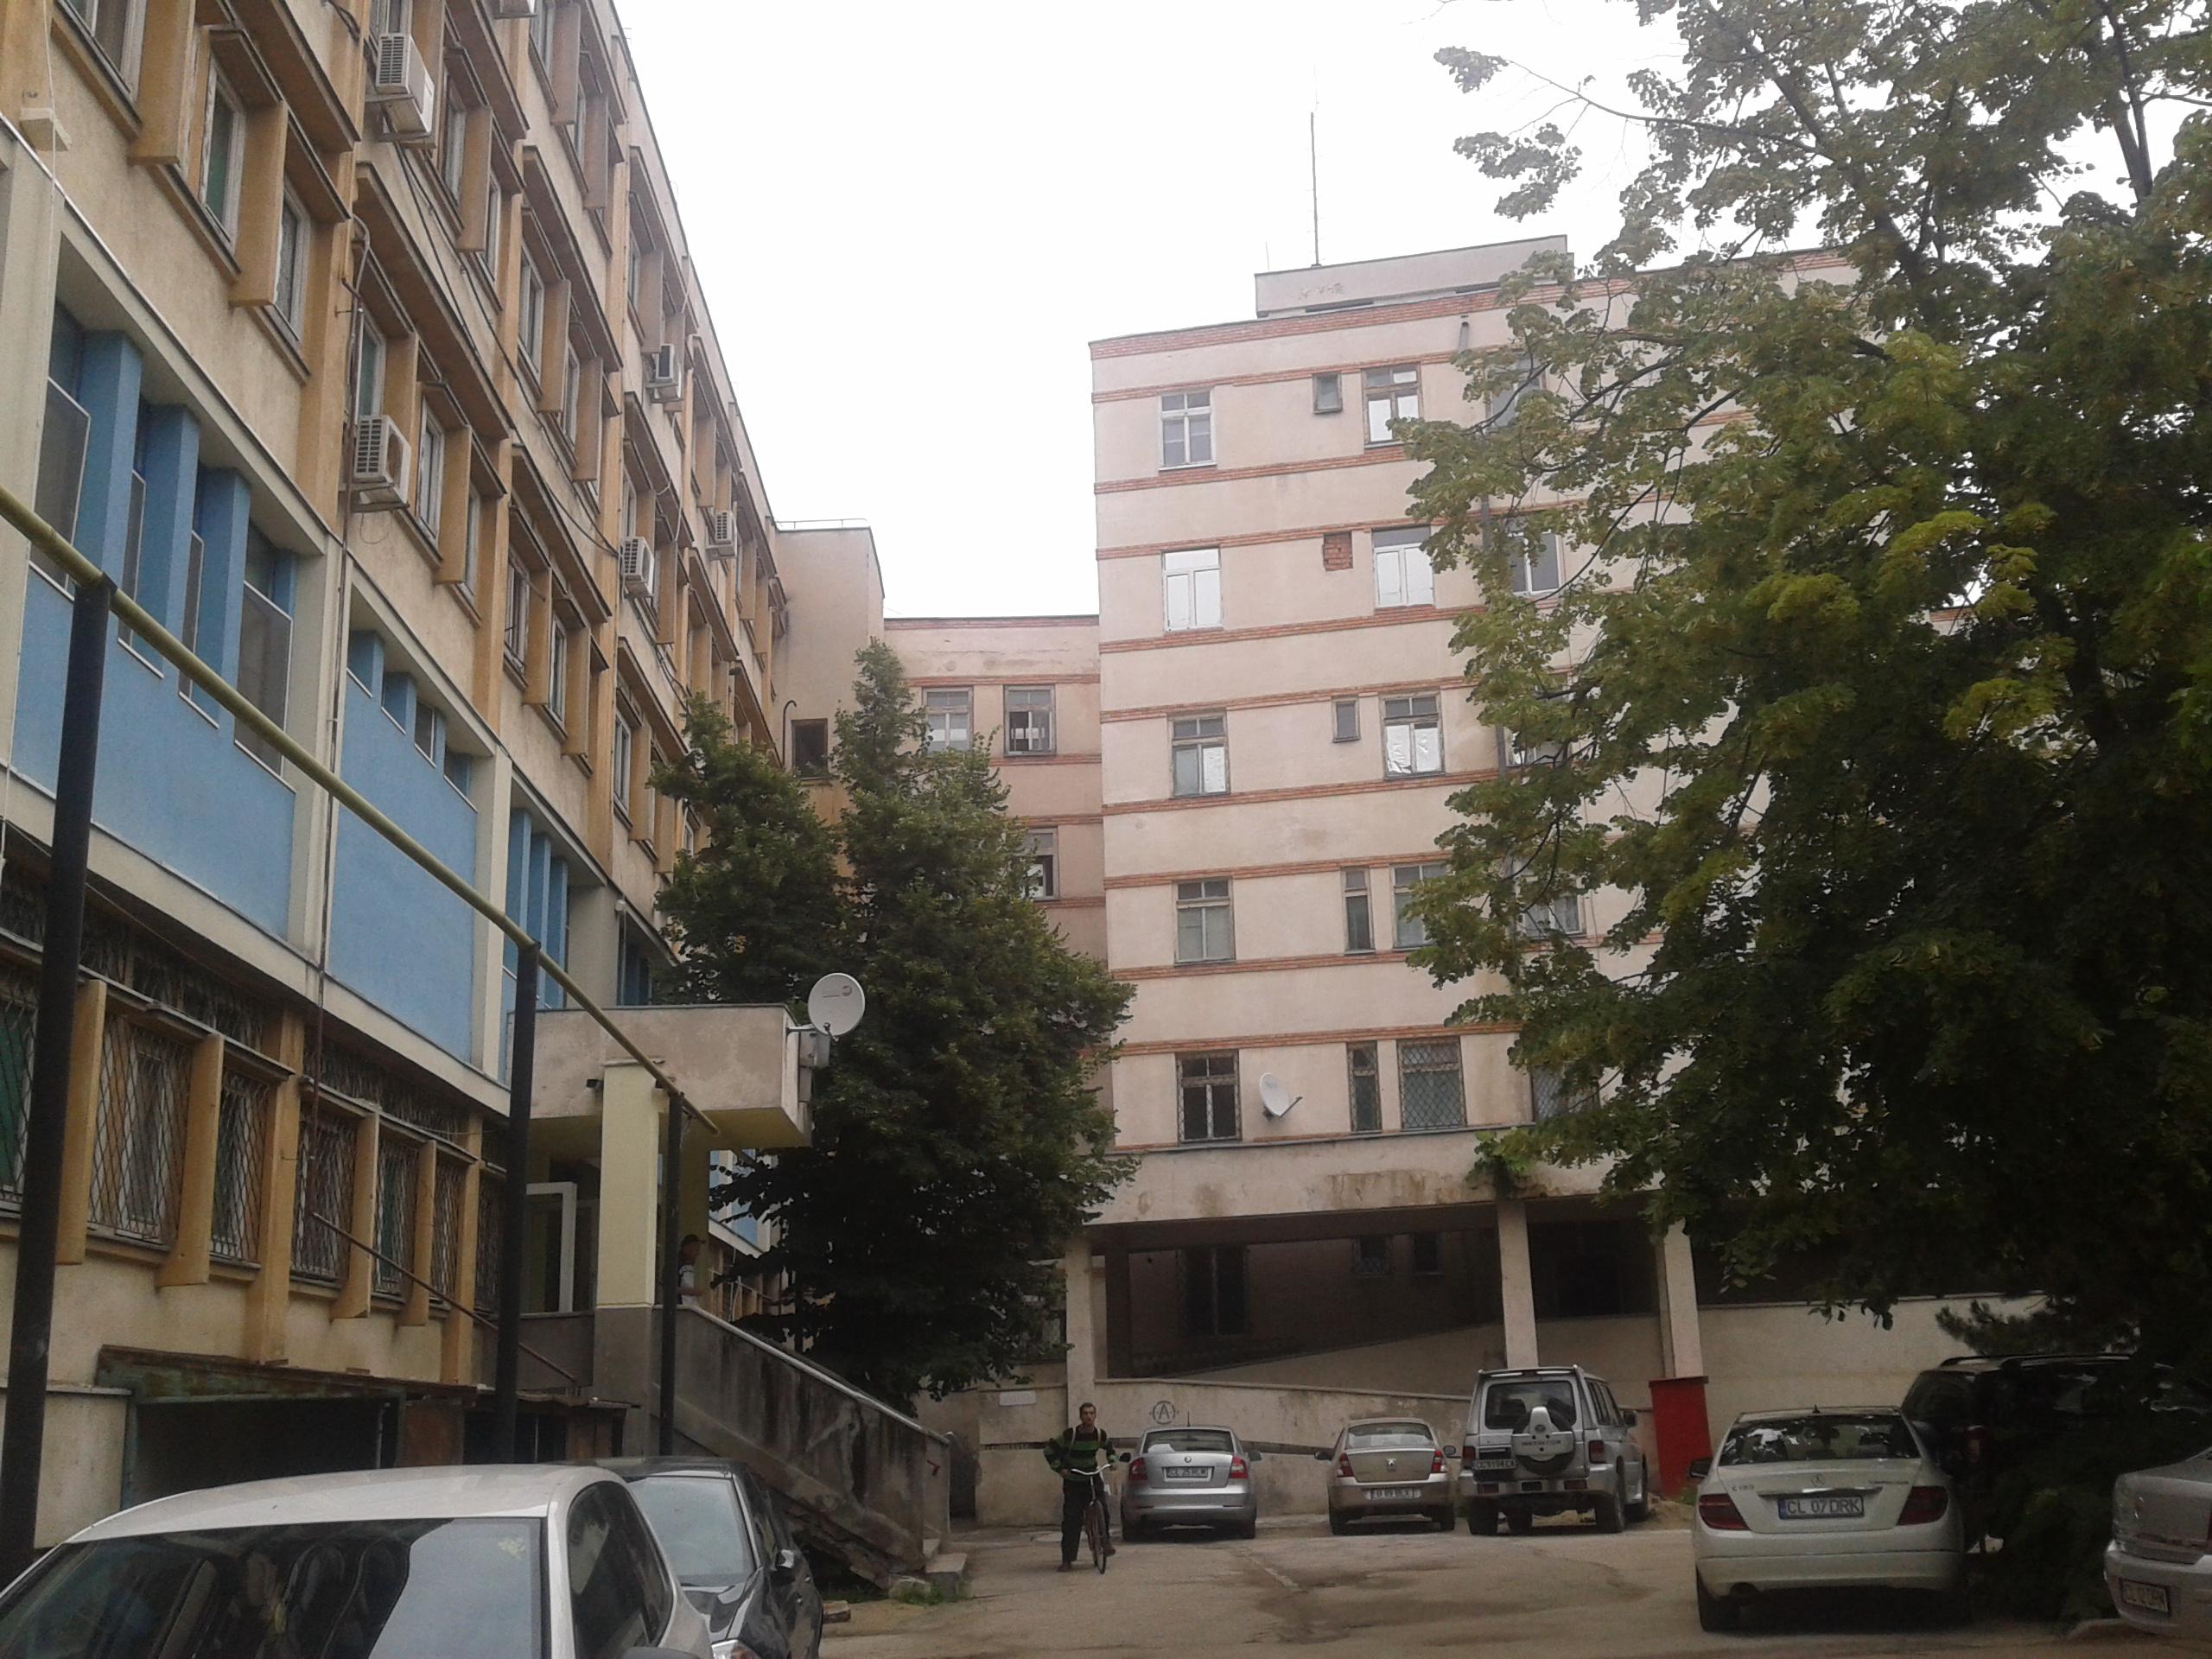 Managerul SJU Călărași/ De la 1 iulie, vom încheia contract cu CAS, ca spital de gradul III